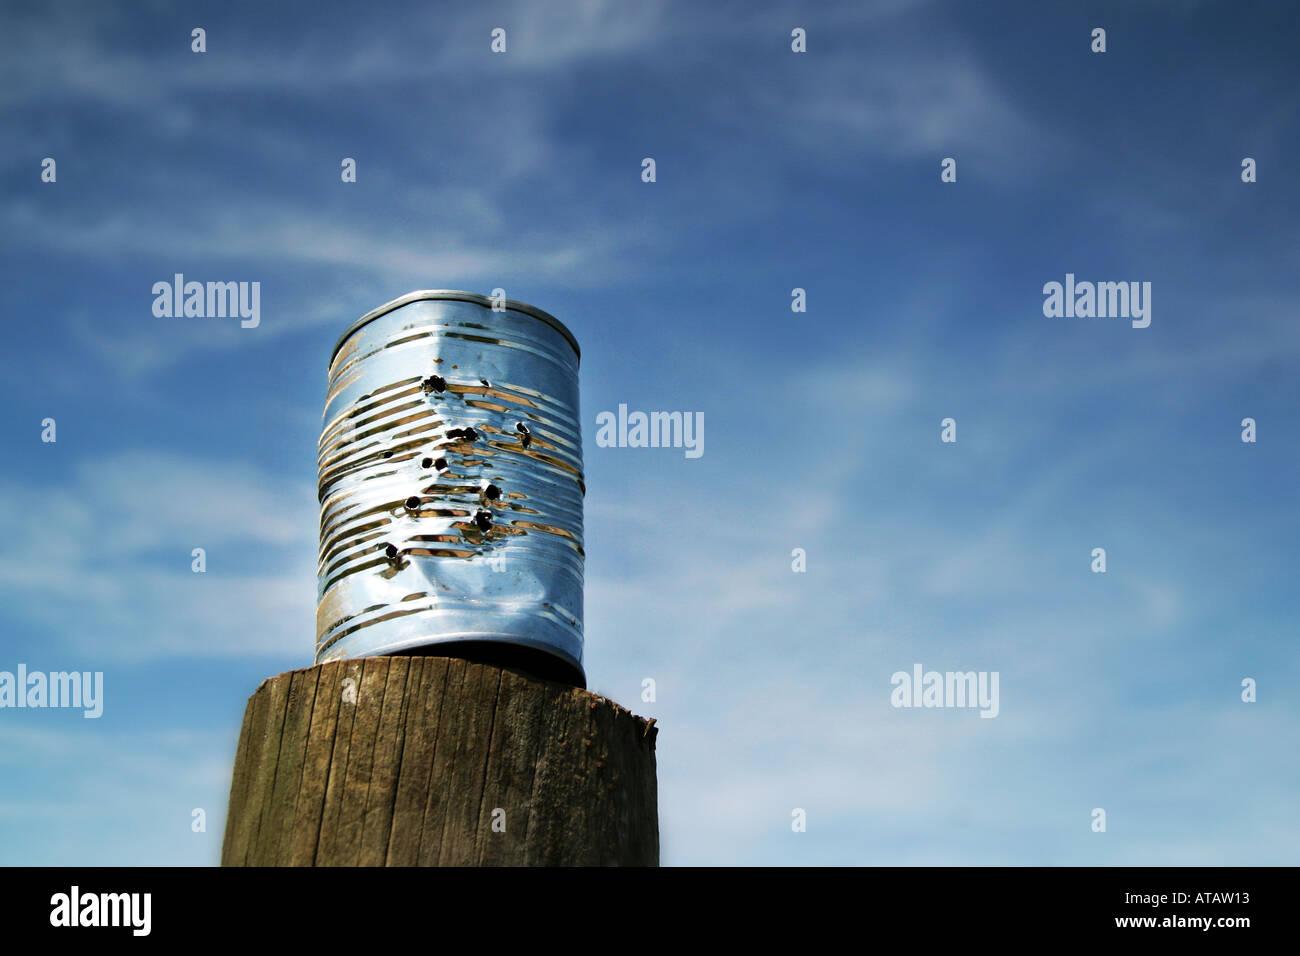 target - Stock Image